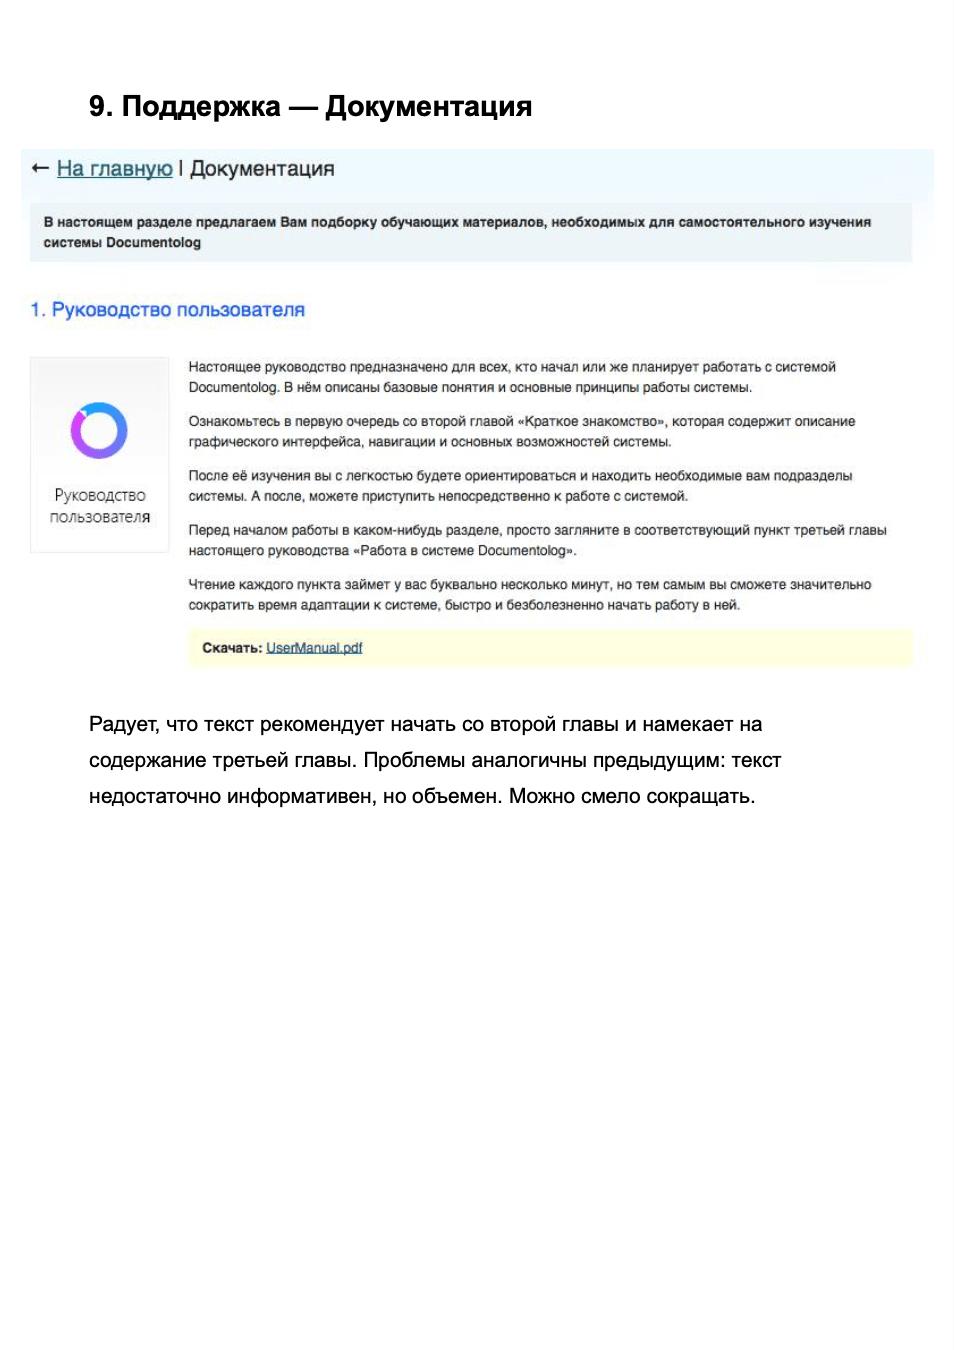 Анализ «Документолога» Сайт Артура Нецветаева — сайты, приложения, прототипы и оформление интерфейсов 22